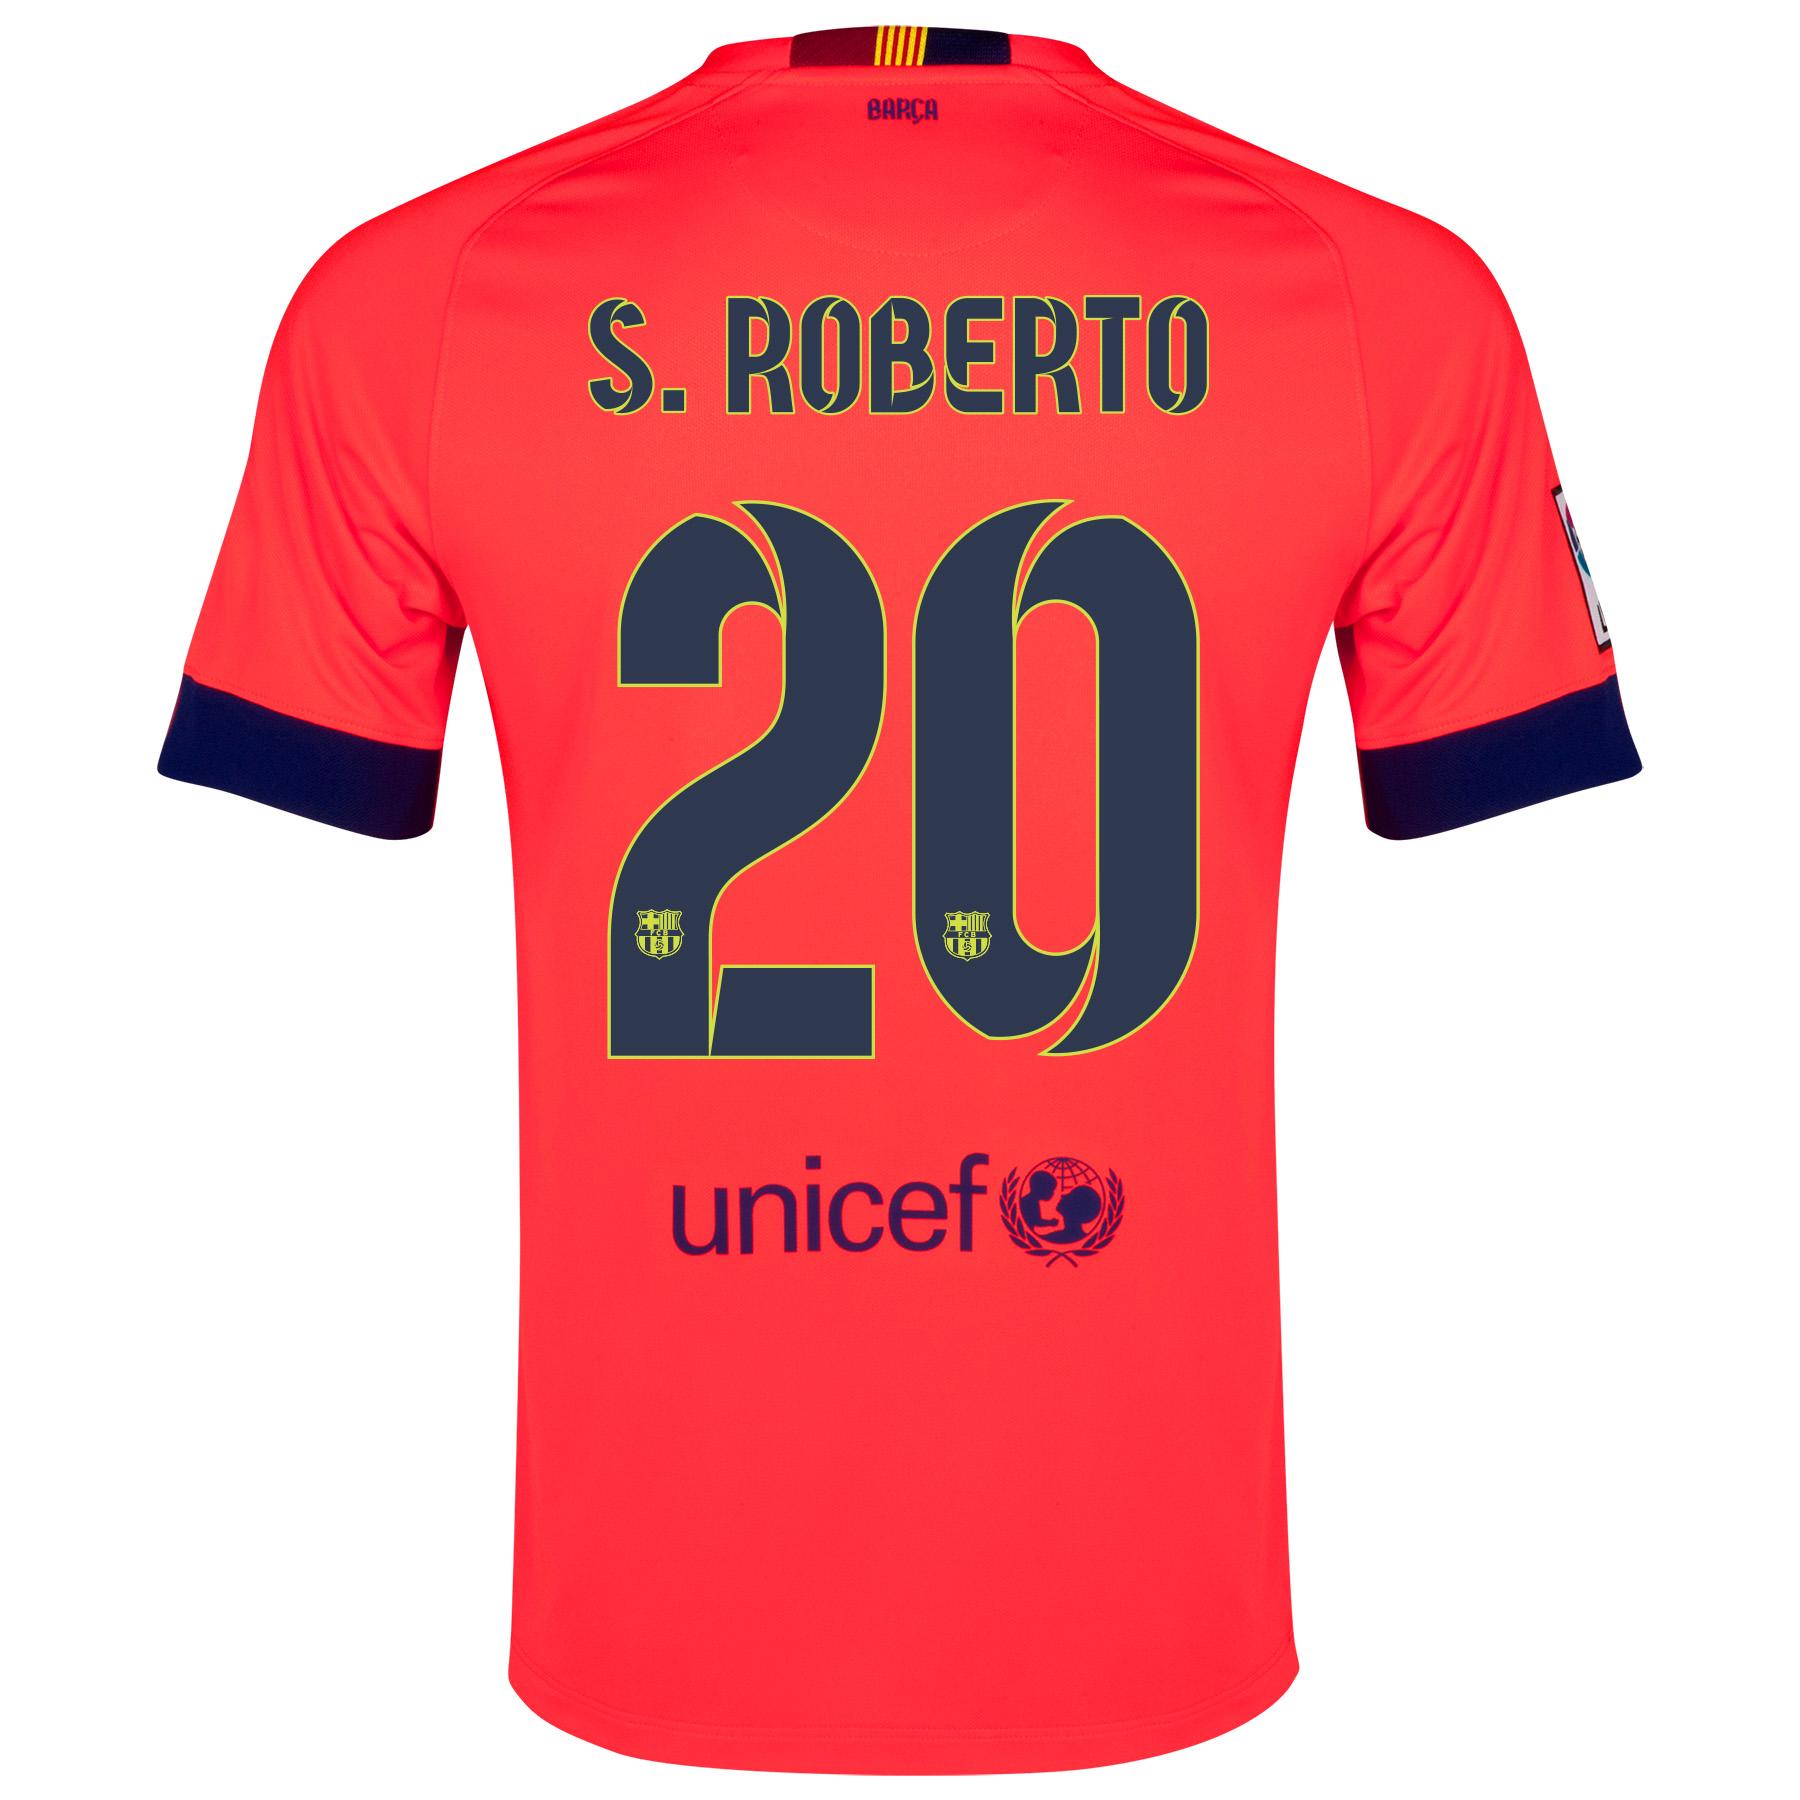 Barcelona Away Shirt 2014/15 Red with S.Roberto 20 printing